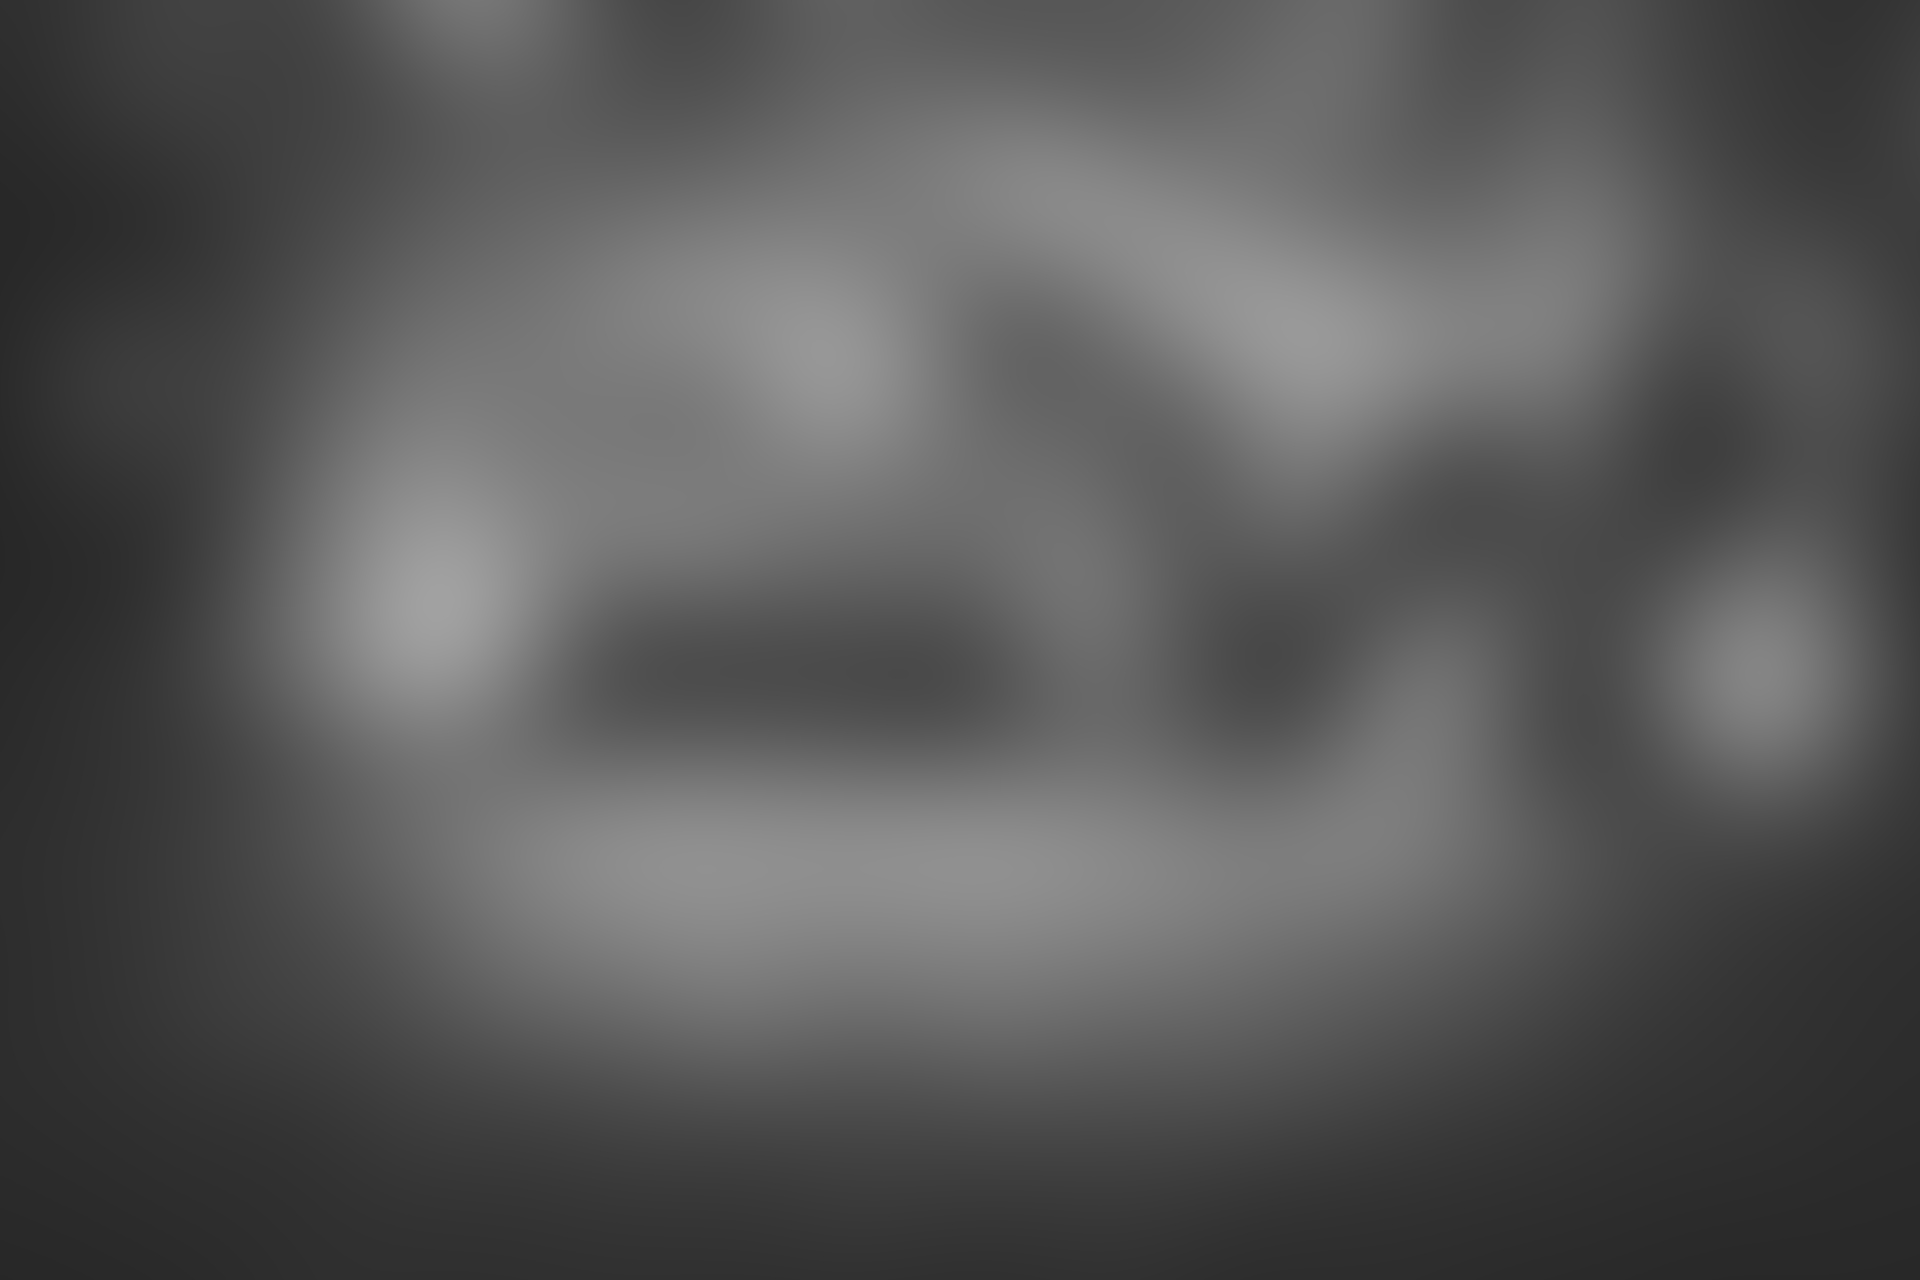 Phasellus in ex vitae justo gravida ullamcorper non sit amet turpis